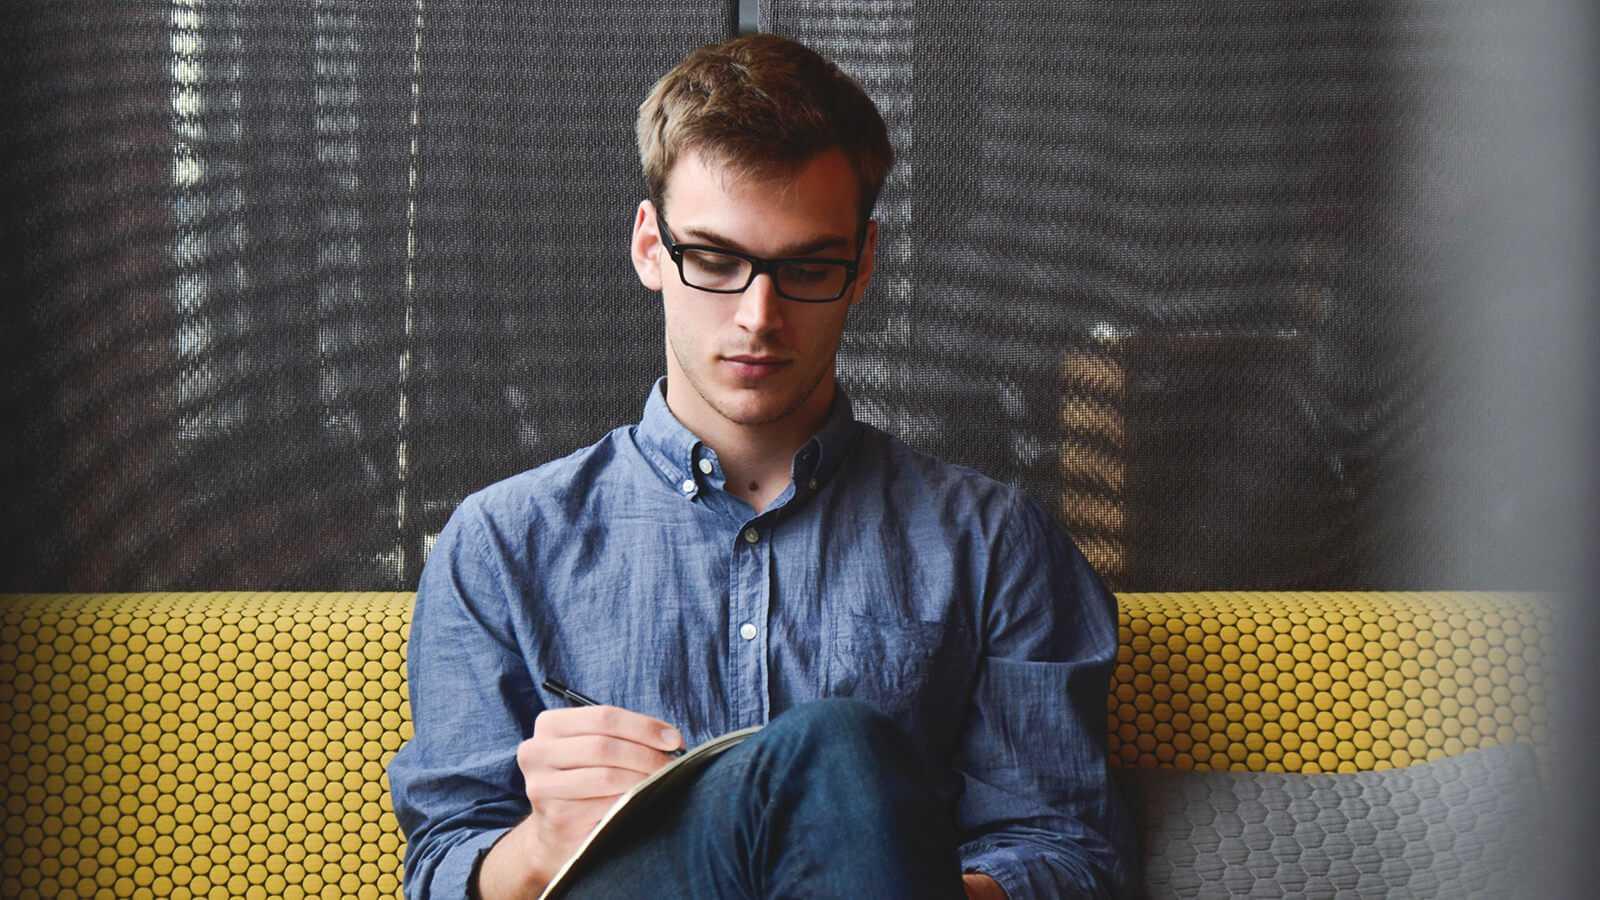 Mand der sidder og manuelt skriver data ned på hans booklet